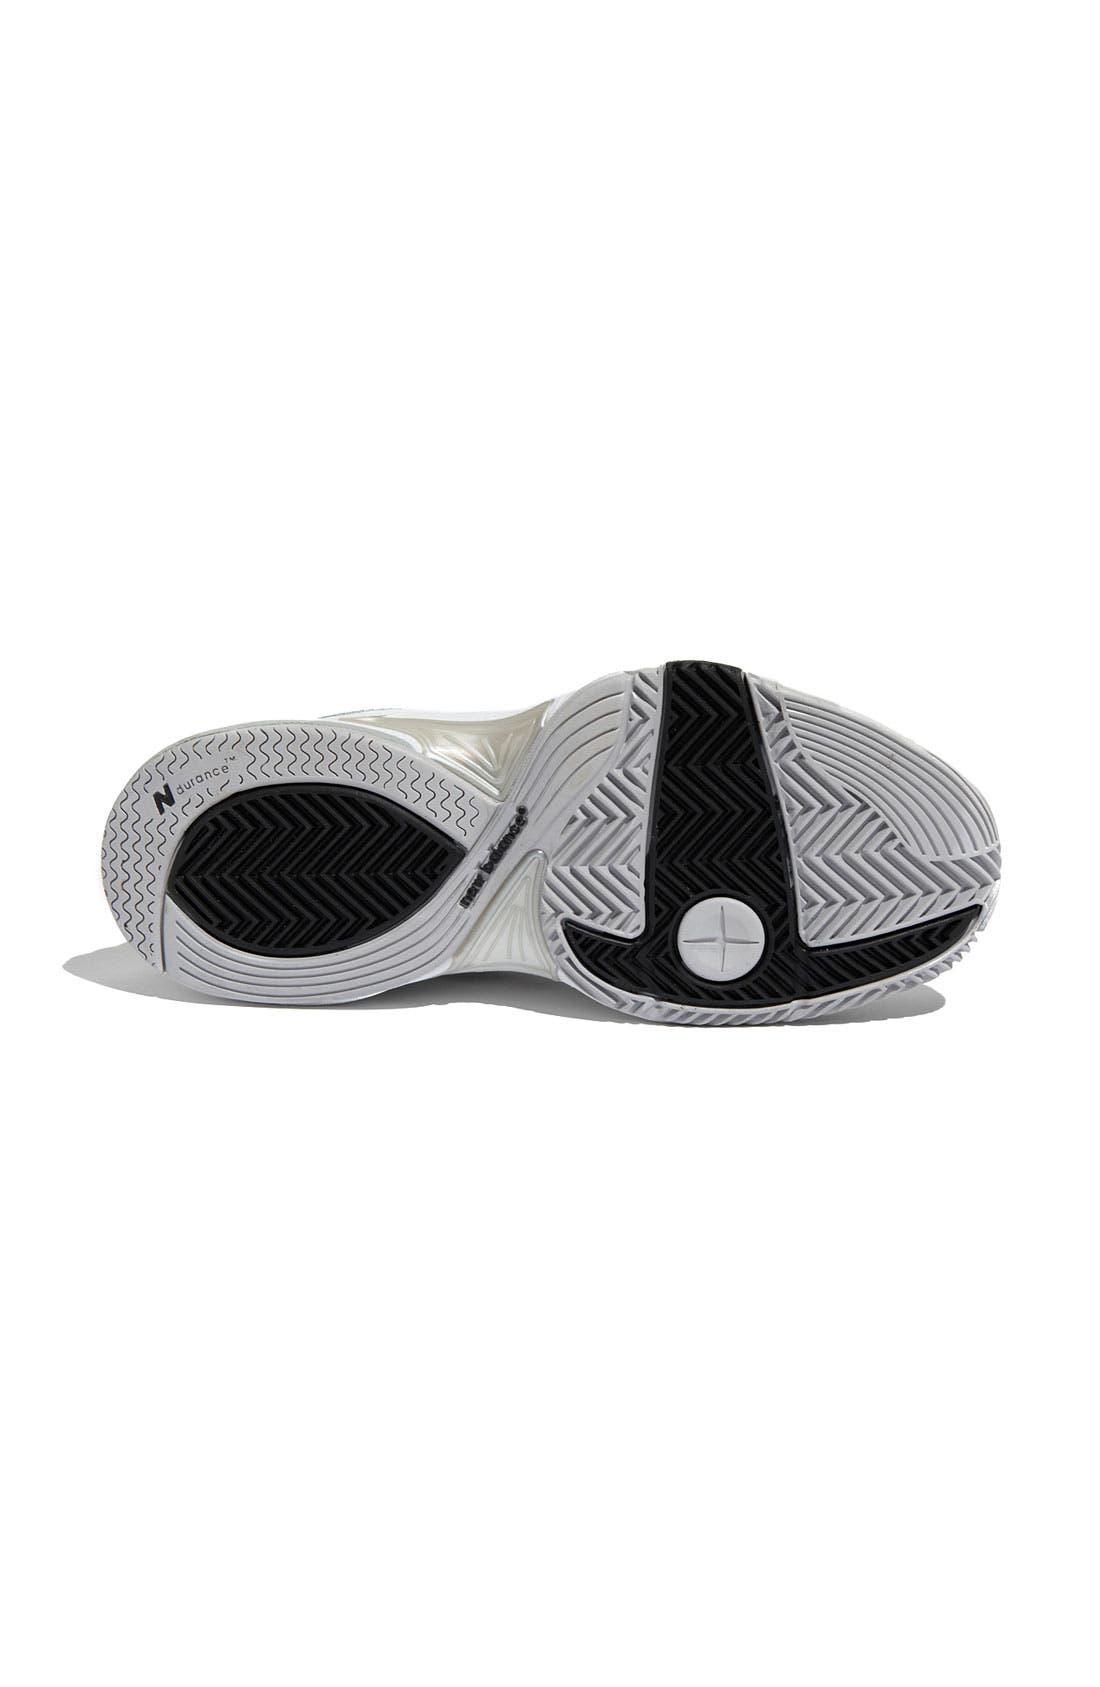 Alternate Image 4  - New Balance '656' Tennis Shoe (Women)(Retail Price: $79.95)